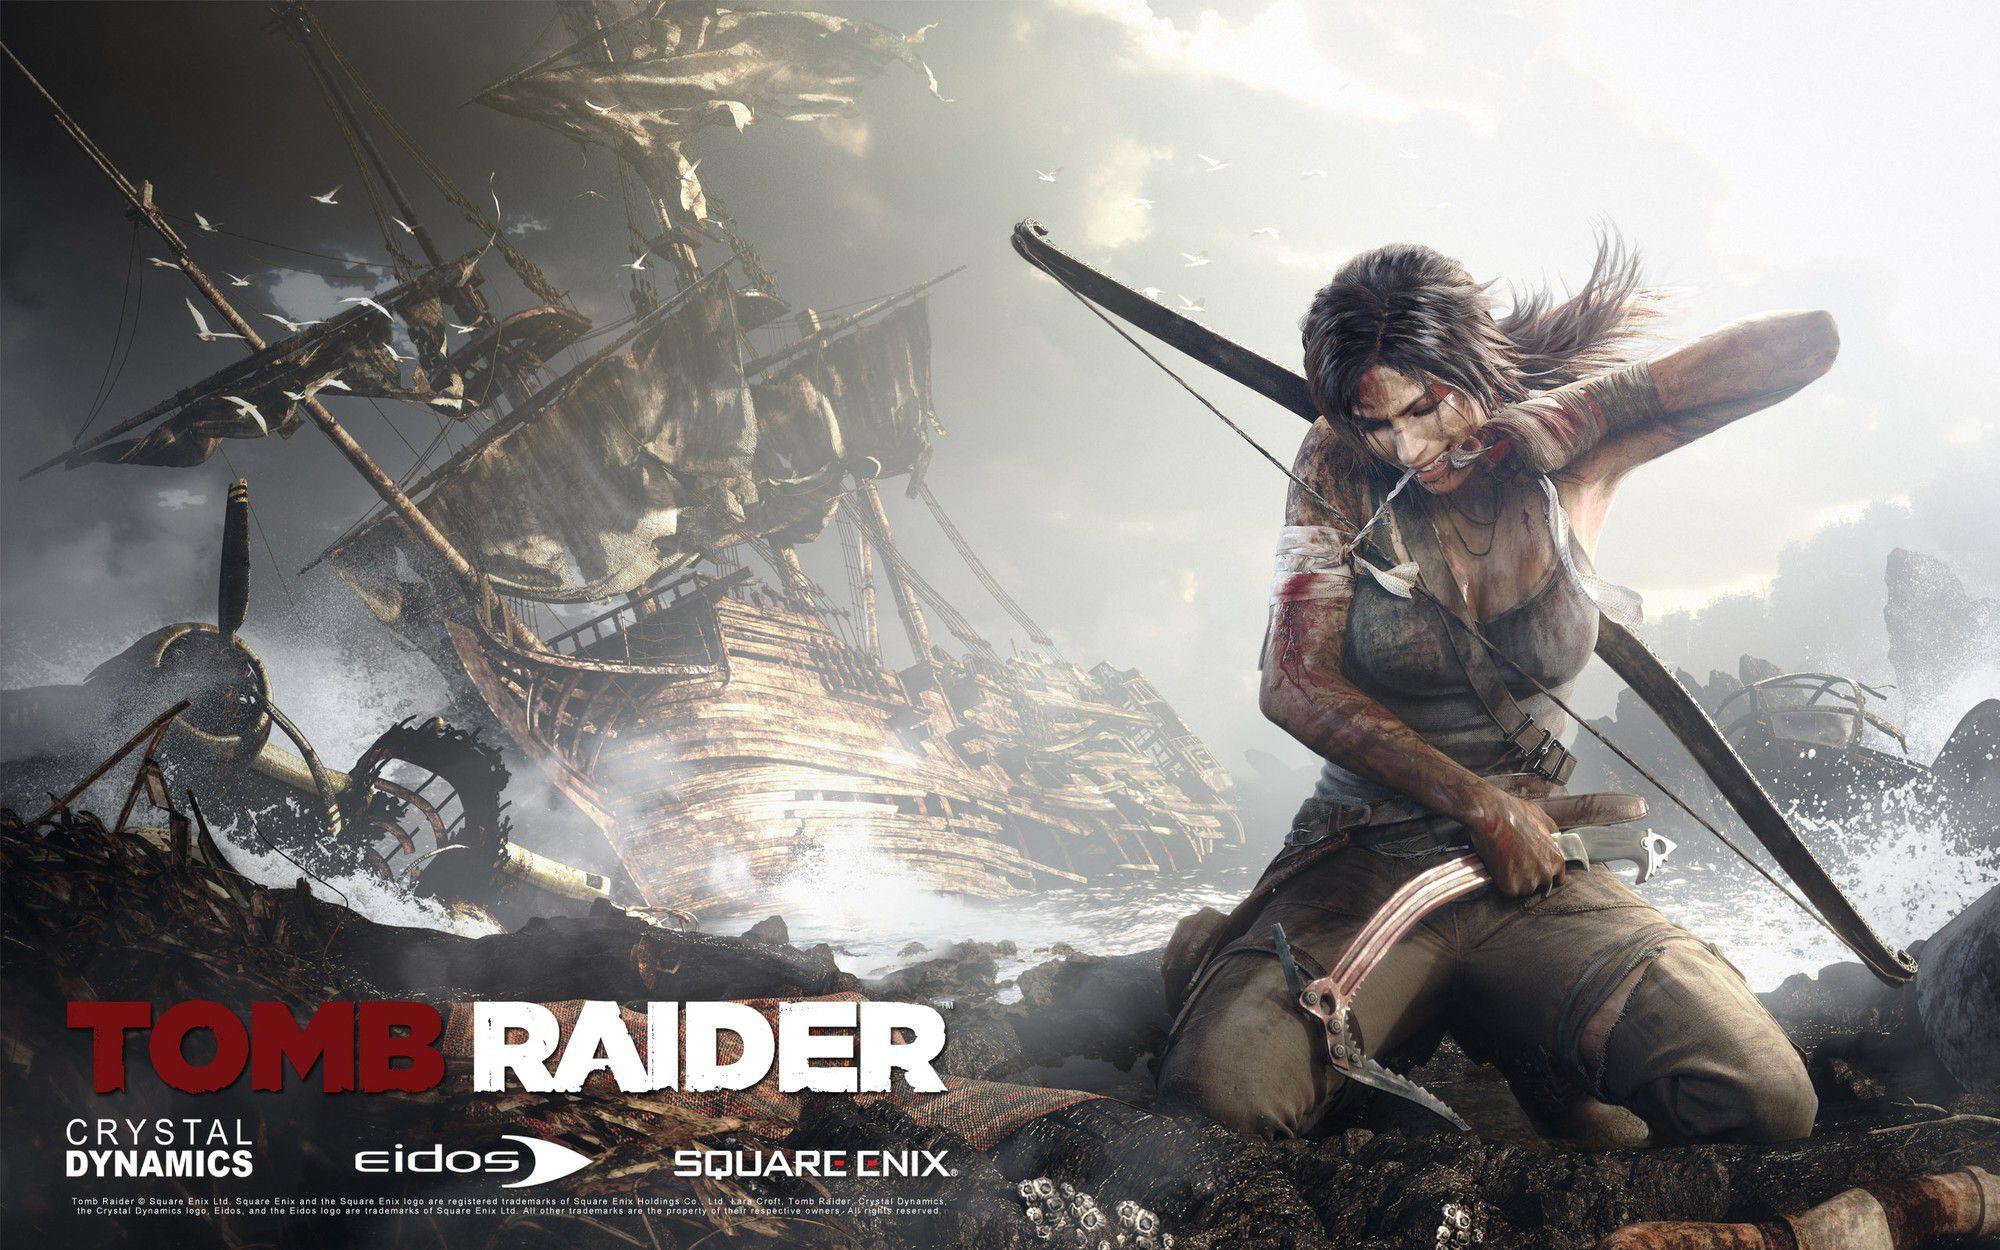 """Cùng bom tấn """"Tomb Raider"""" tìm kiếm tàn tích của đế chế """"Atlantis Châu Á"""" (1)"""